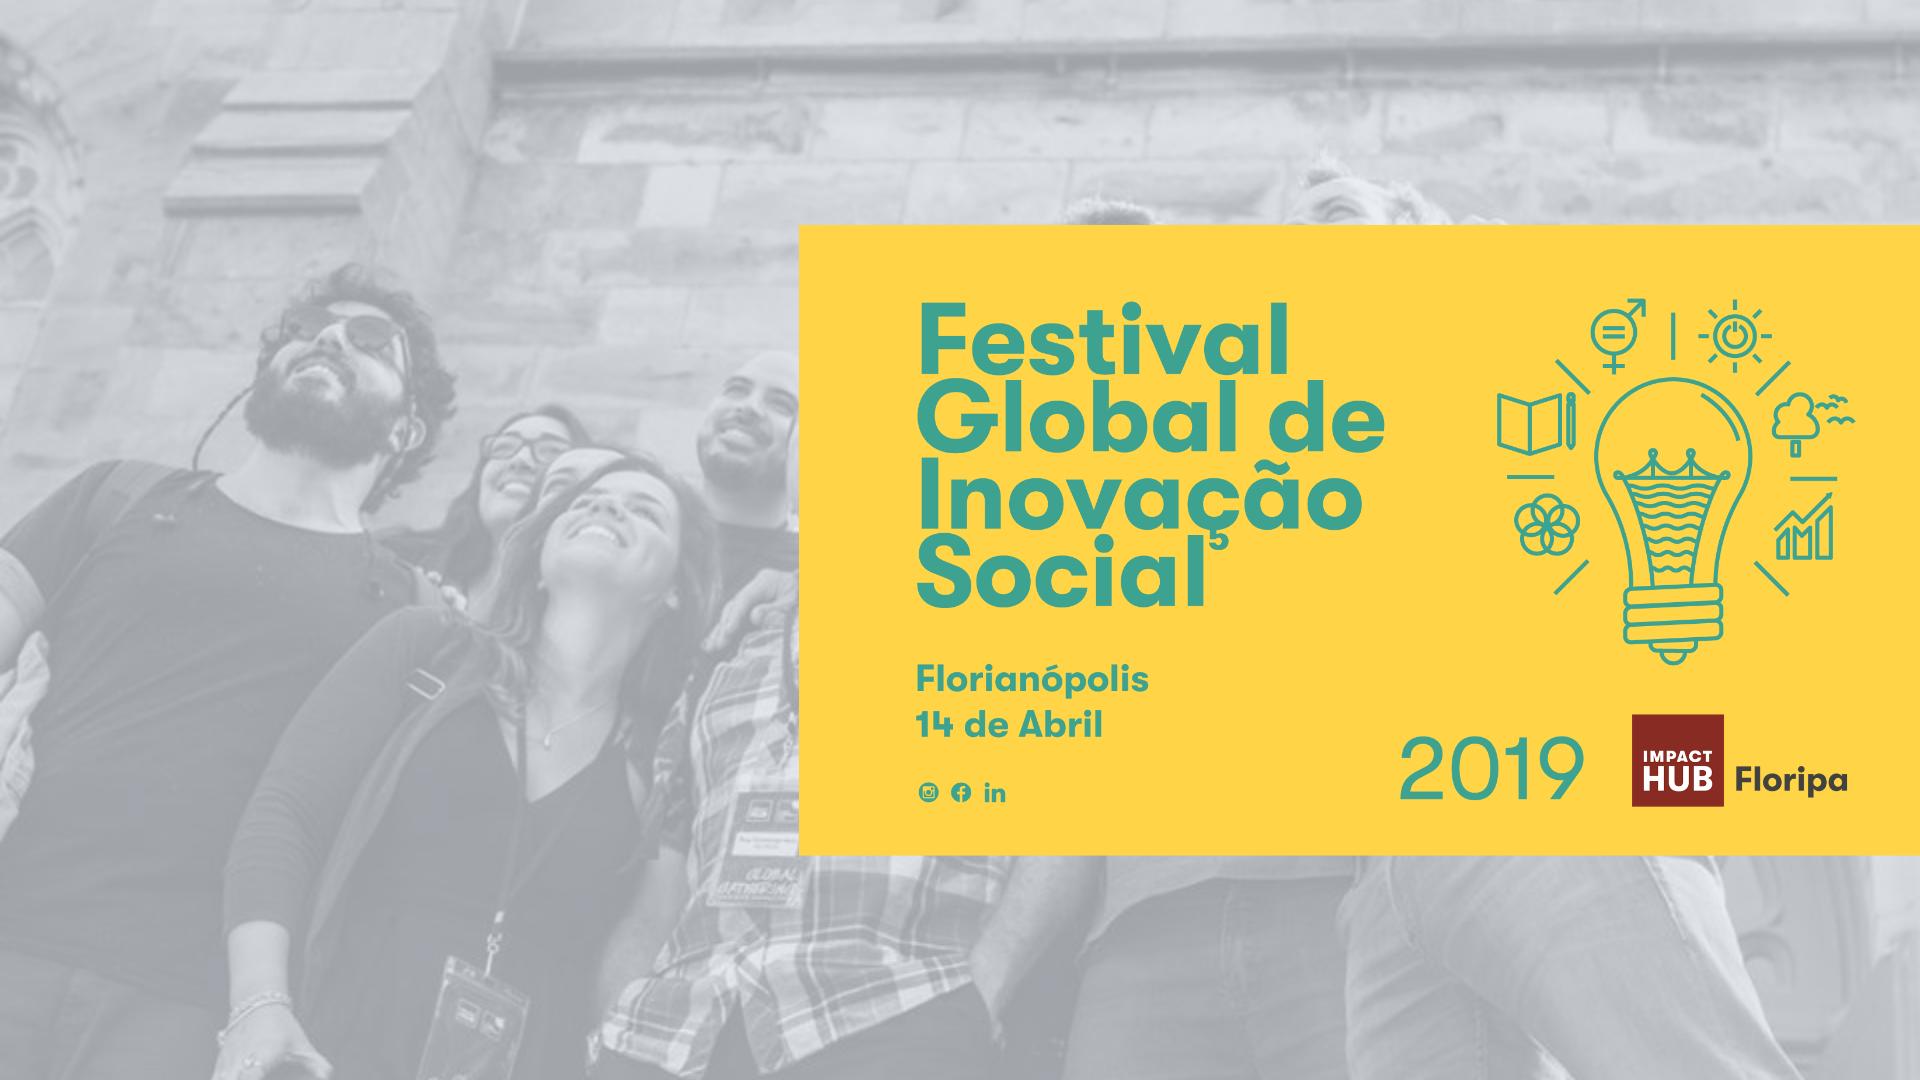 Florianópolis recebe Festival Global de Inovação Social neste domingo